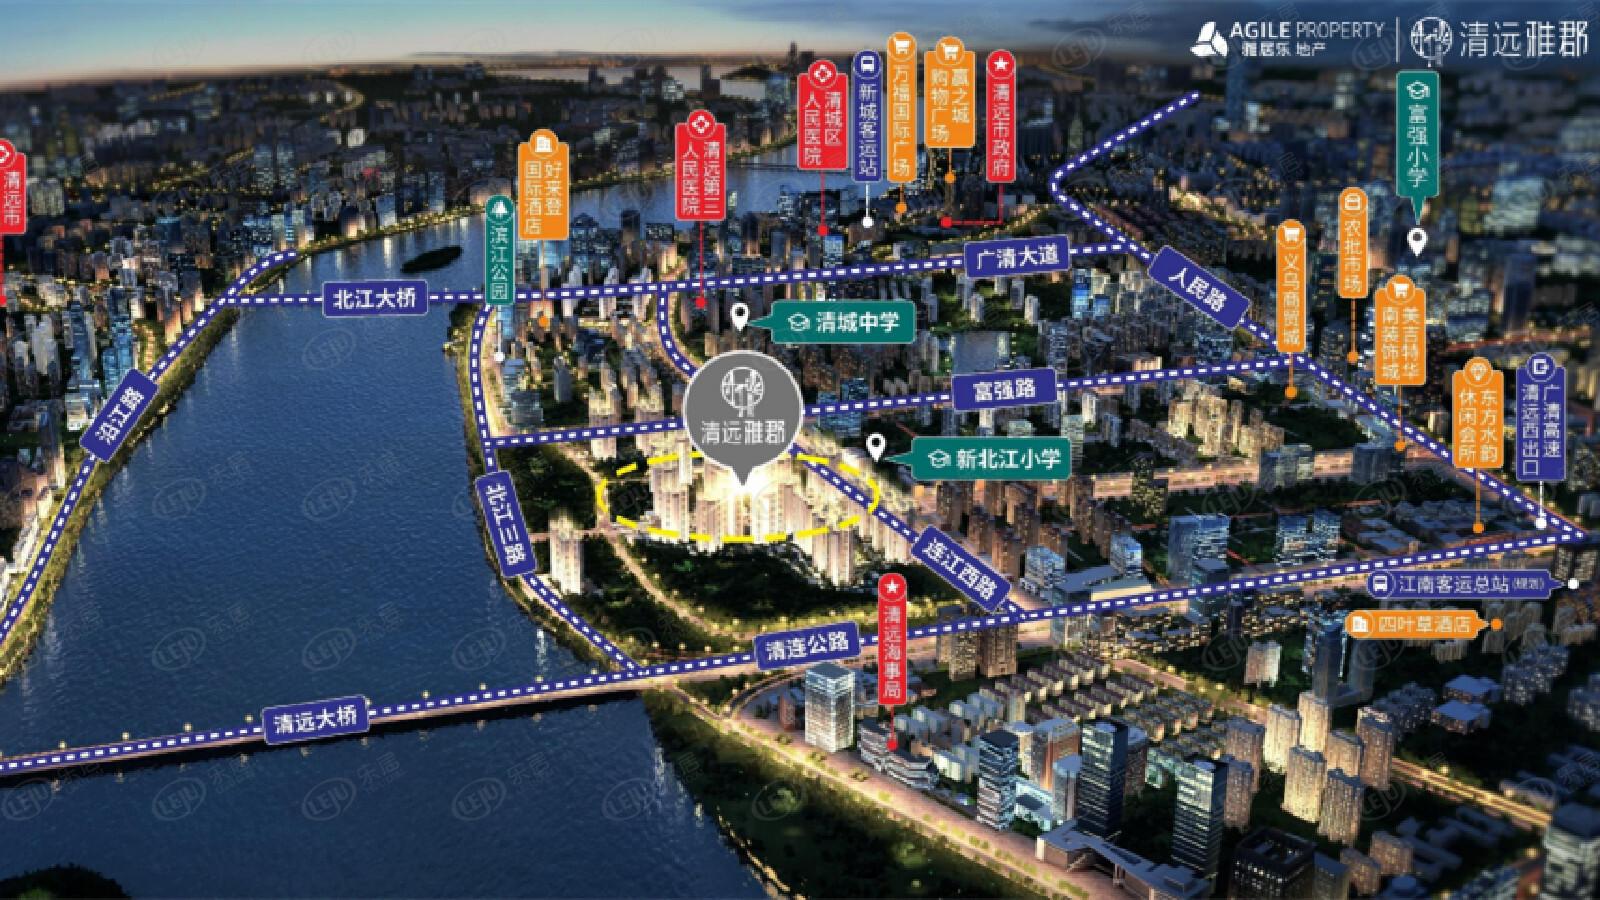 新城区雅居乐清远雅郡,位于清远市清城区新北江小学正对面。